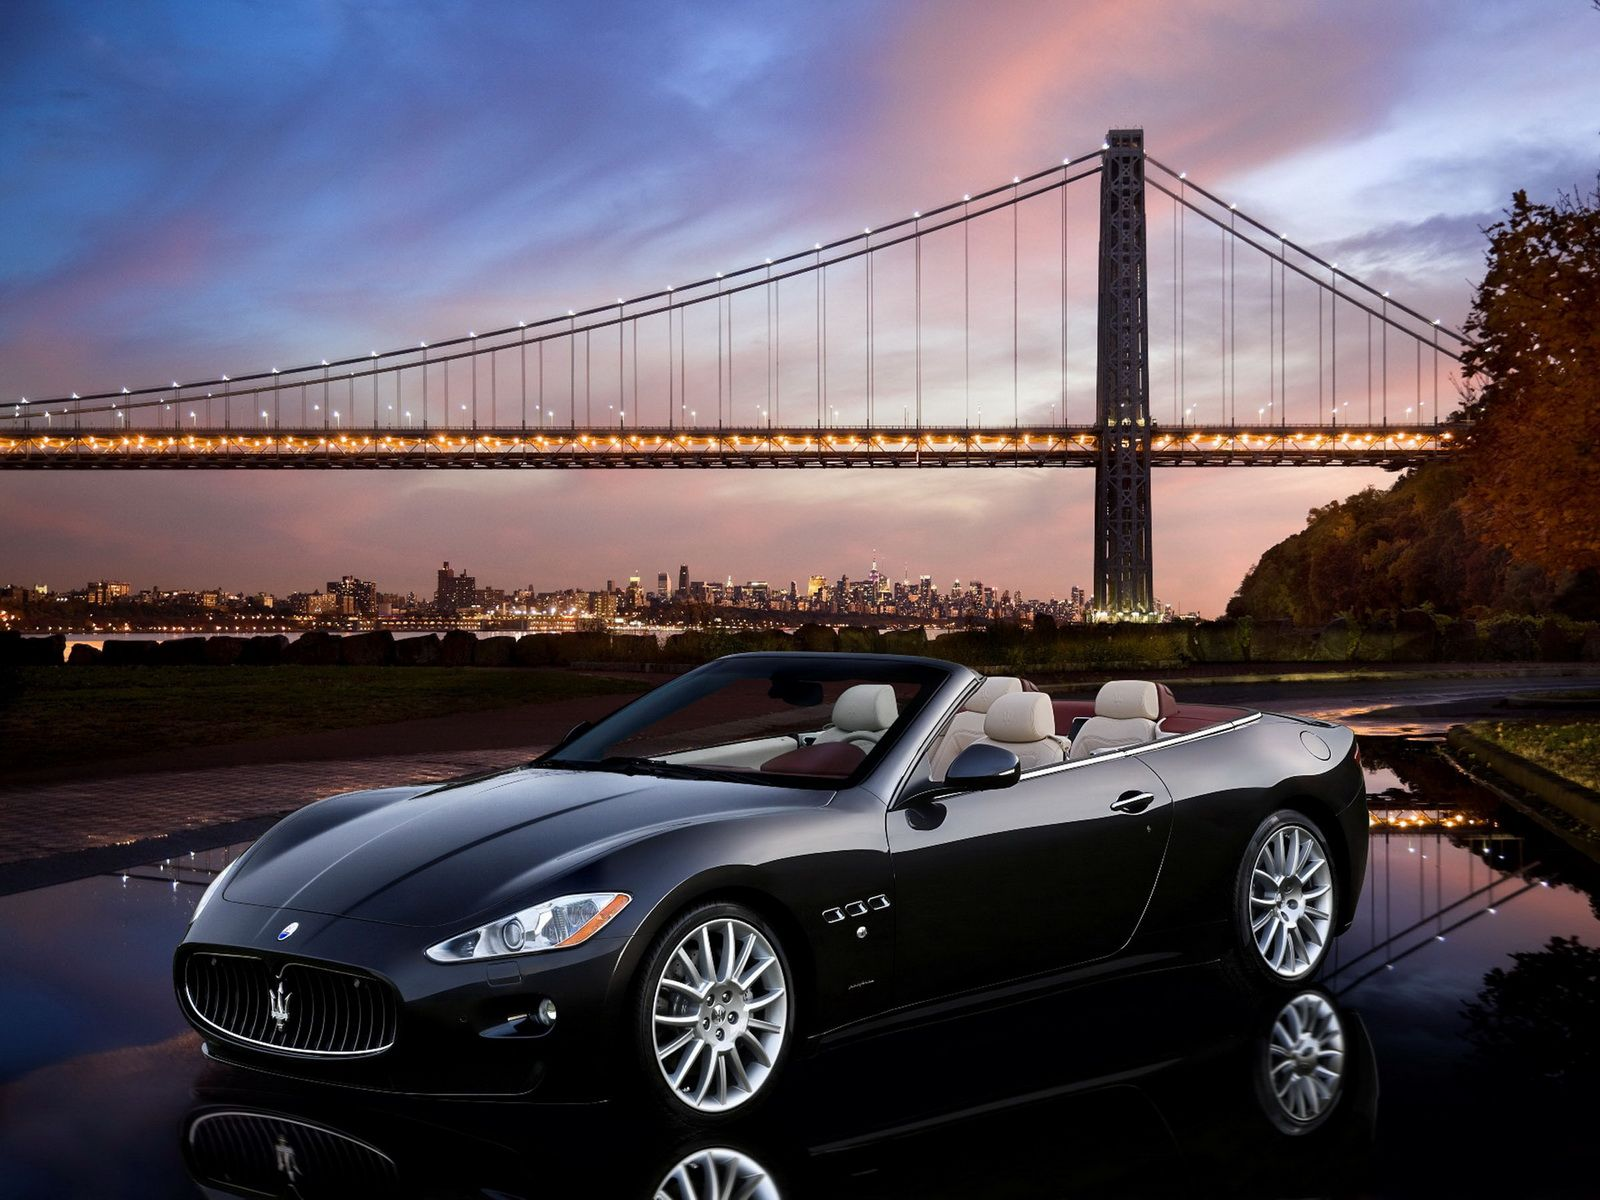 Gran Turismo Wallpaper Hd: Maserati Gran Turismo GT Convertible HD Widescreen